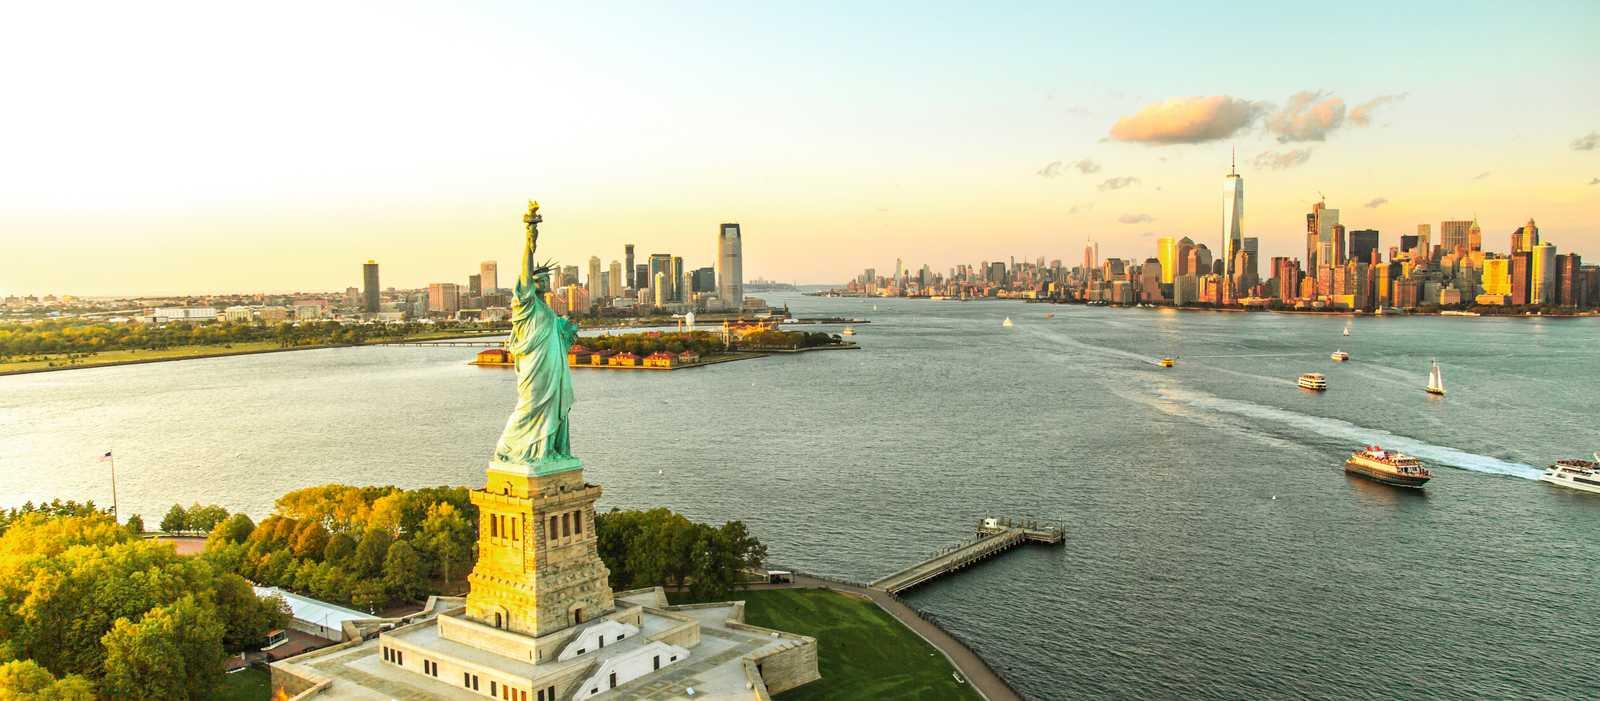 Luftaufnahme Liberty Island und der Freiheitsstatue, New York